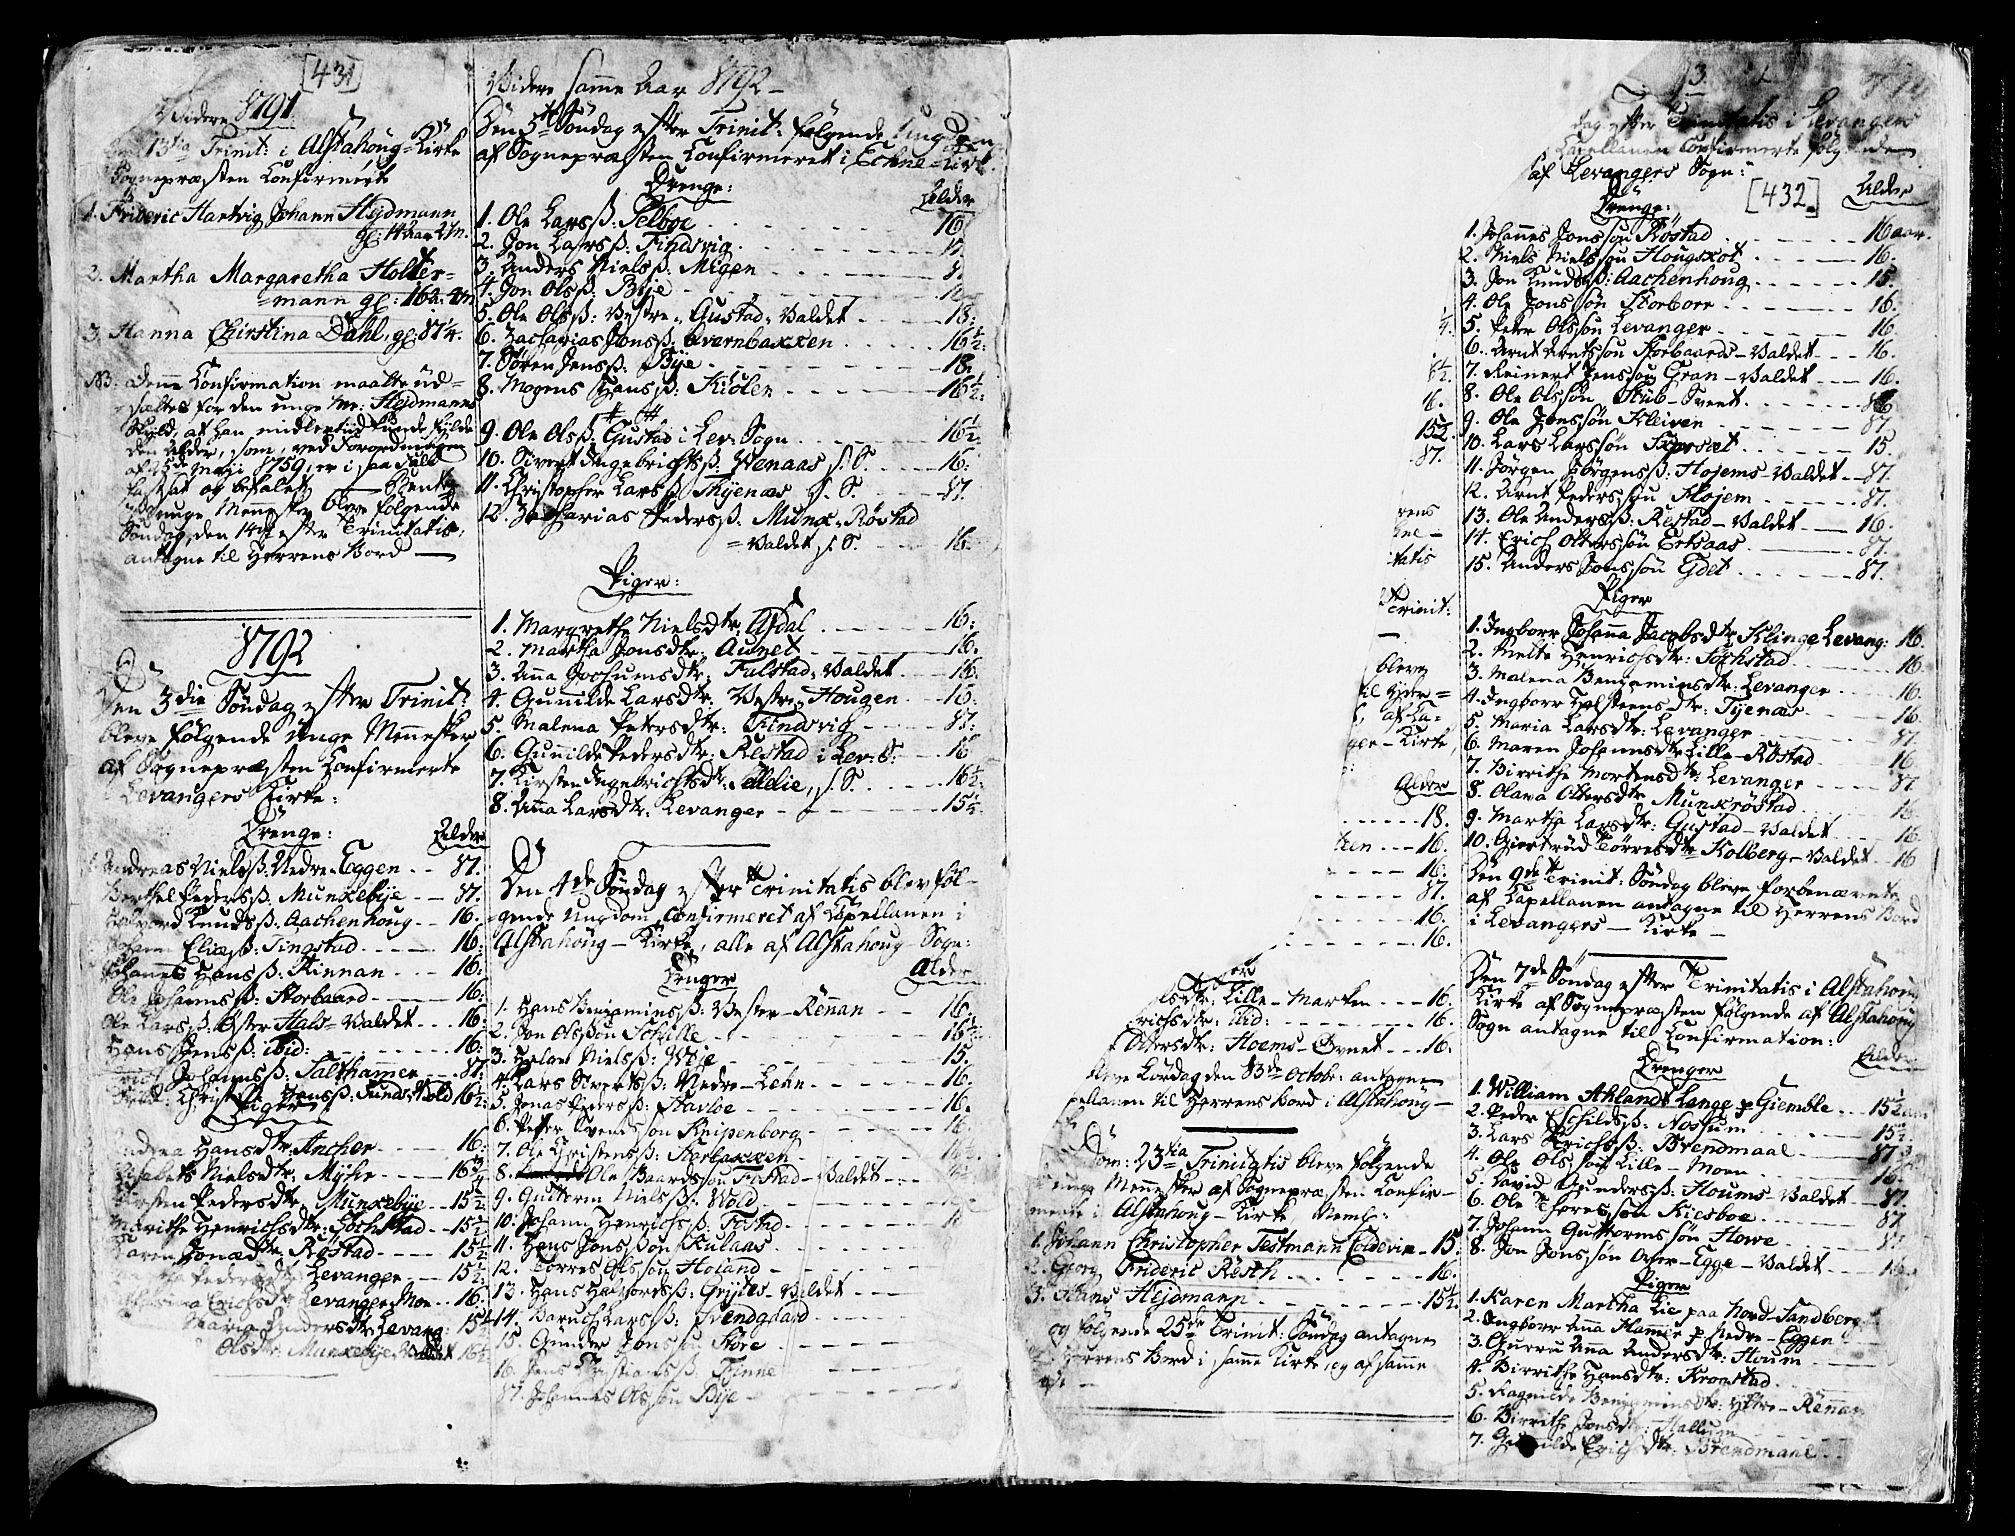 SAT, Ministerialprotokoller, klokkerbøker og fødselsregistre - Nord-Trøndelag, 717/L0141: Ministerialbok nr. 717A01, 1747-1803, s. 431-432